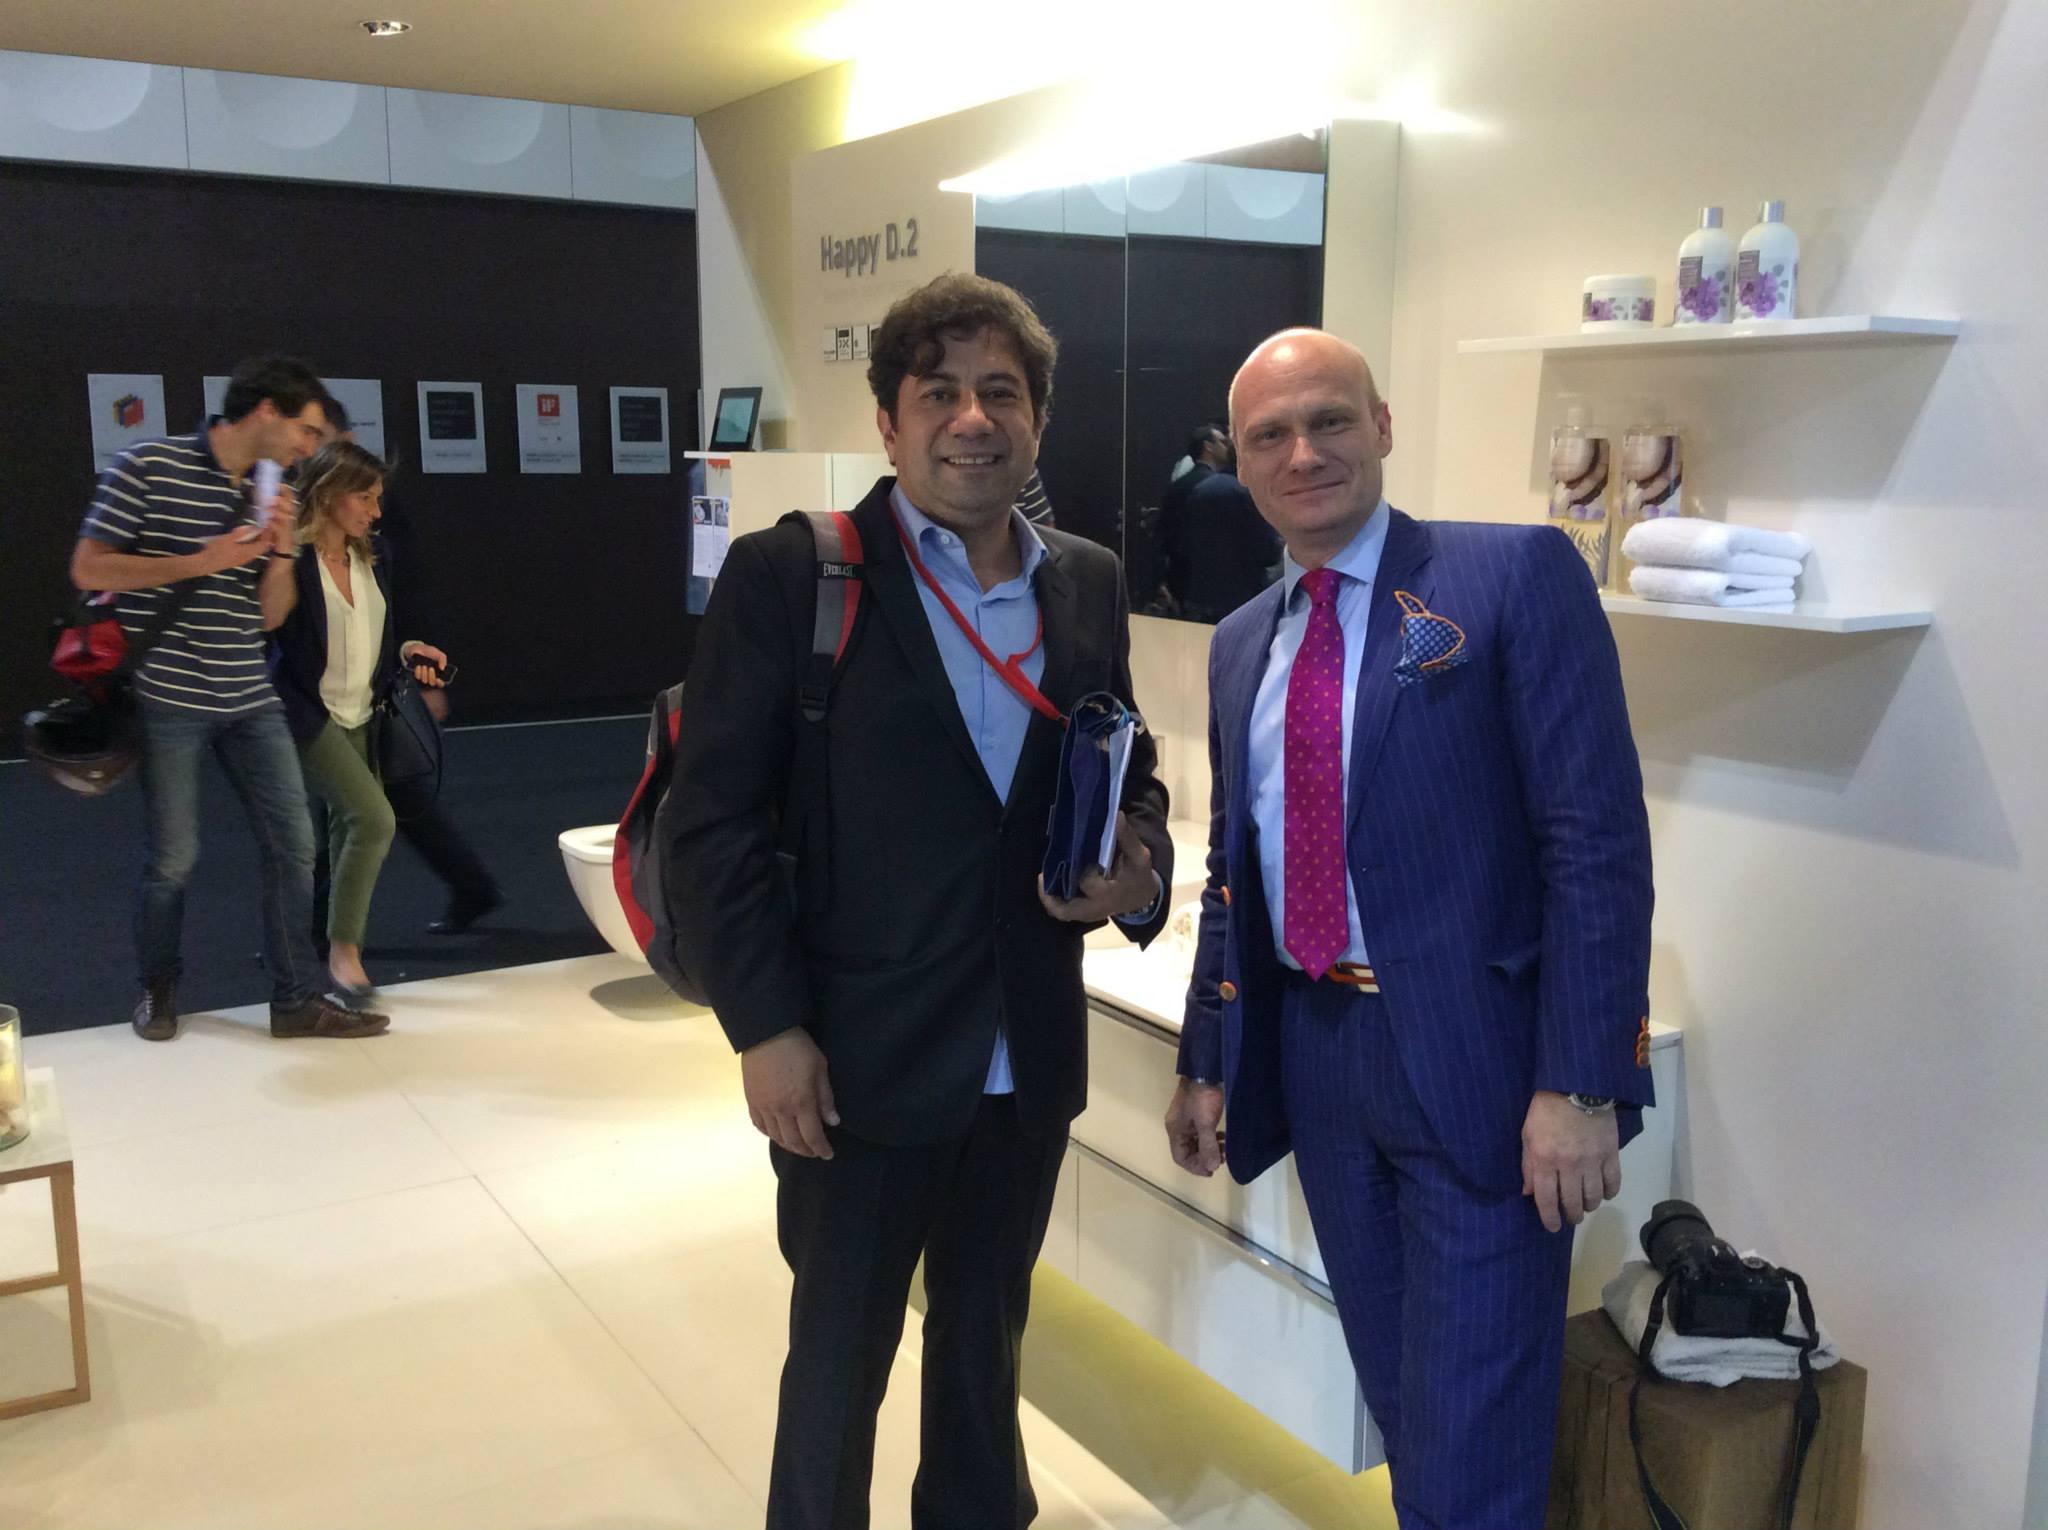 Майкл Зигер (справа) из дизайн-бюро sieger design беседует на выставочном стенде Duravit 2014 в Милане о своих проектах Happy D, X-Large, 2nd floor и т.п.